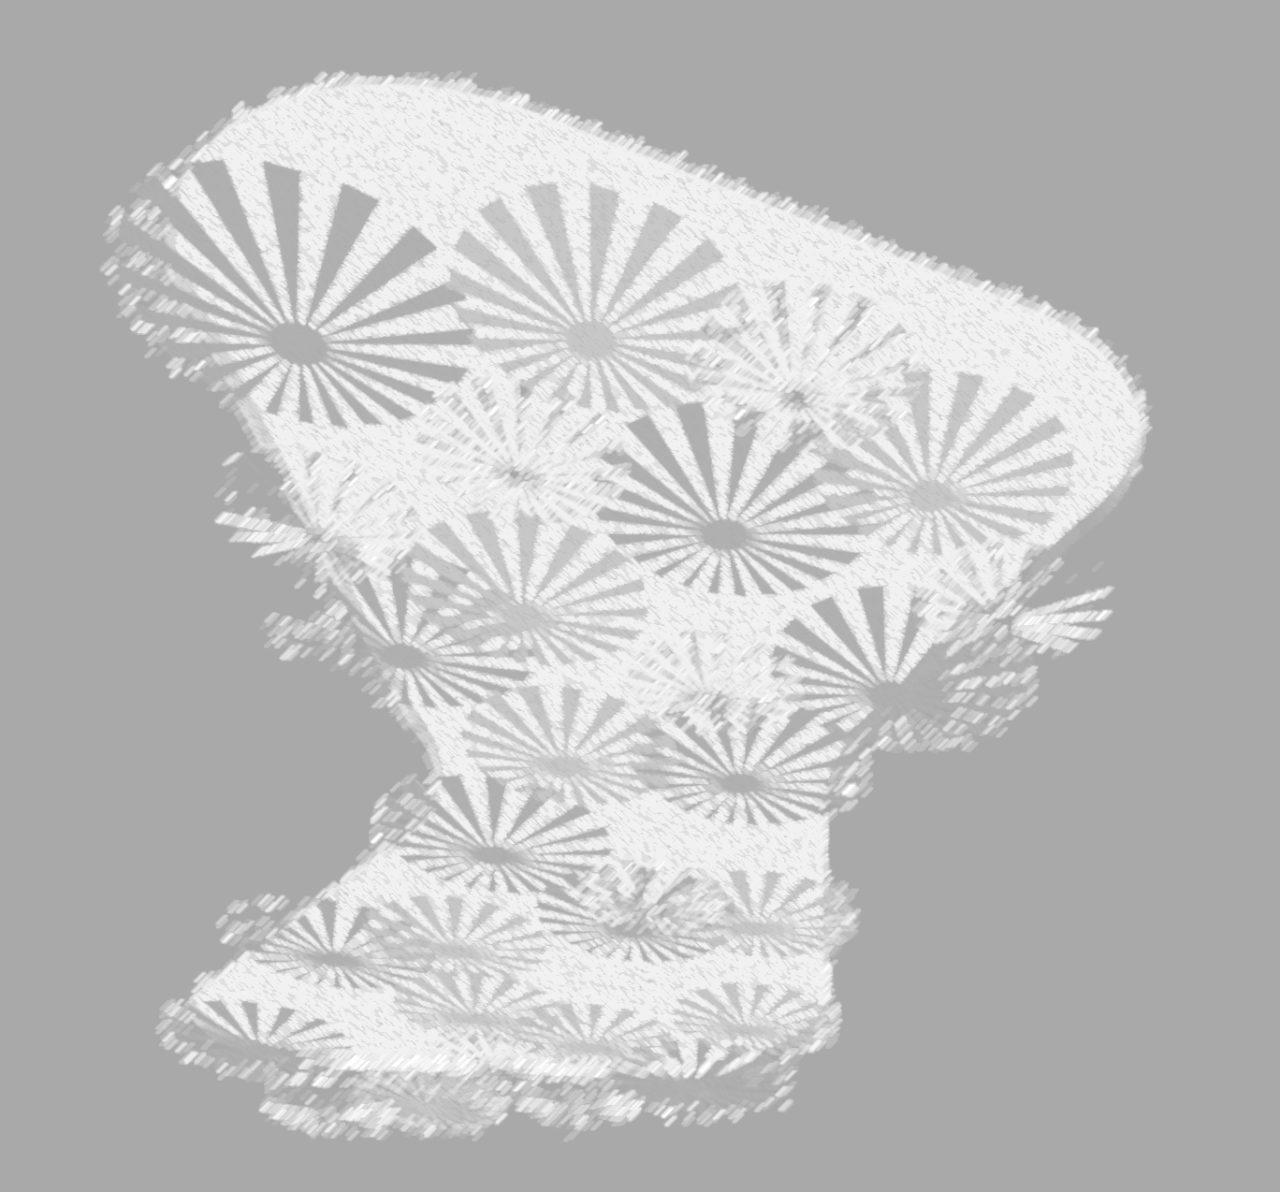 AMEBA-Sketch-1-1280x1192.jpg